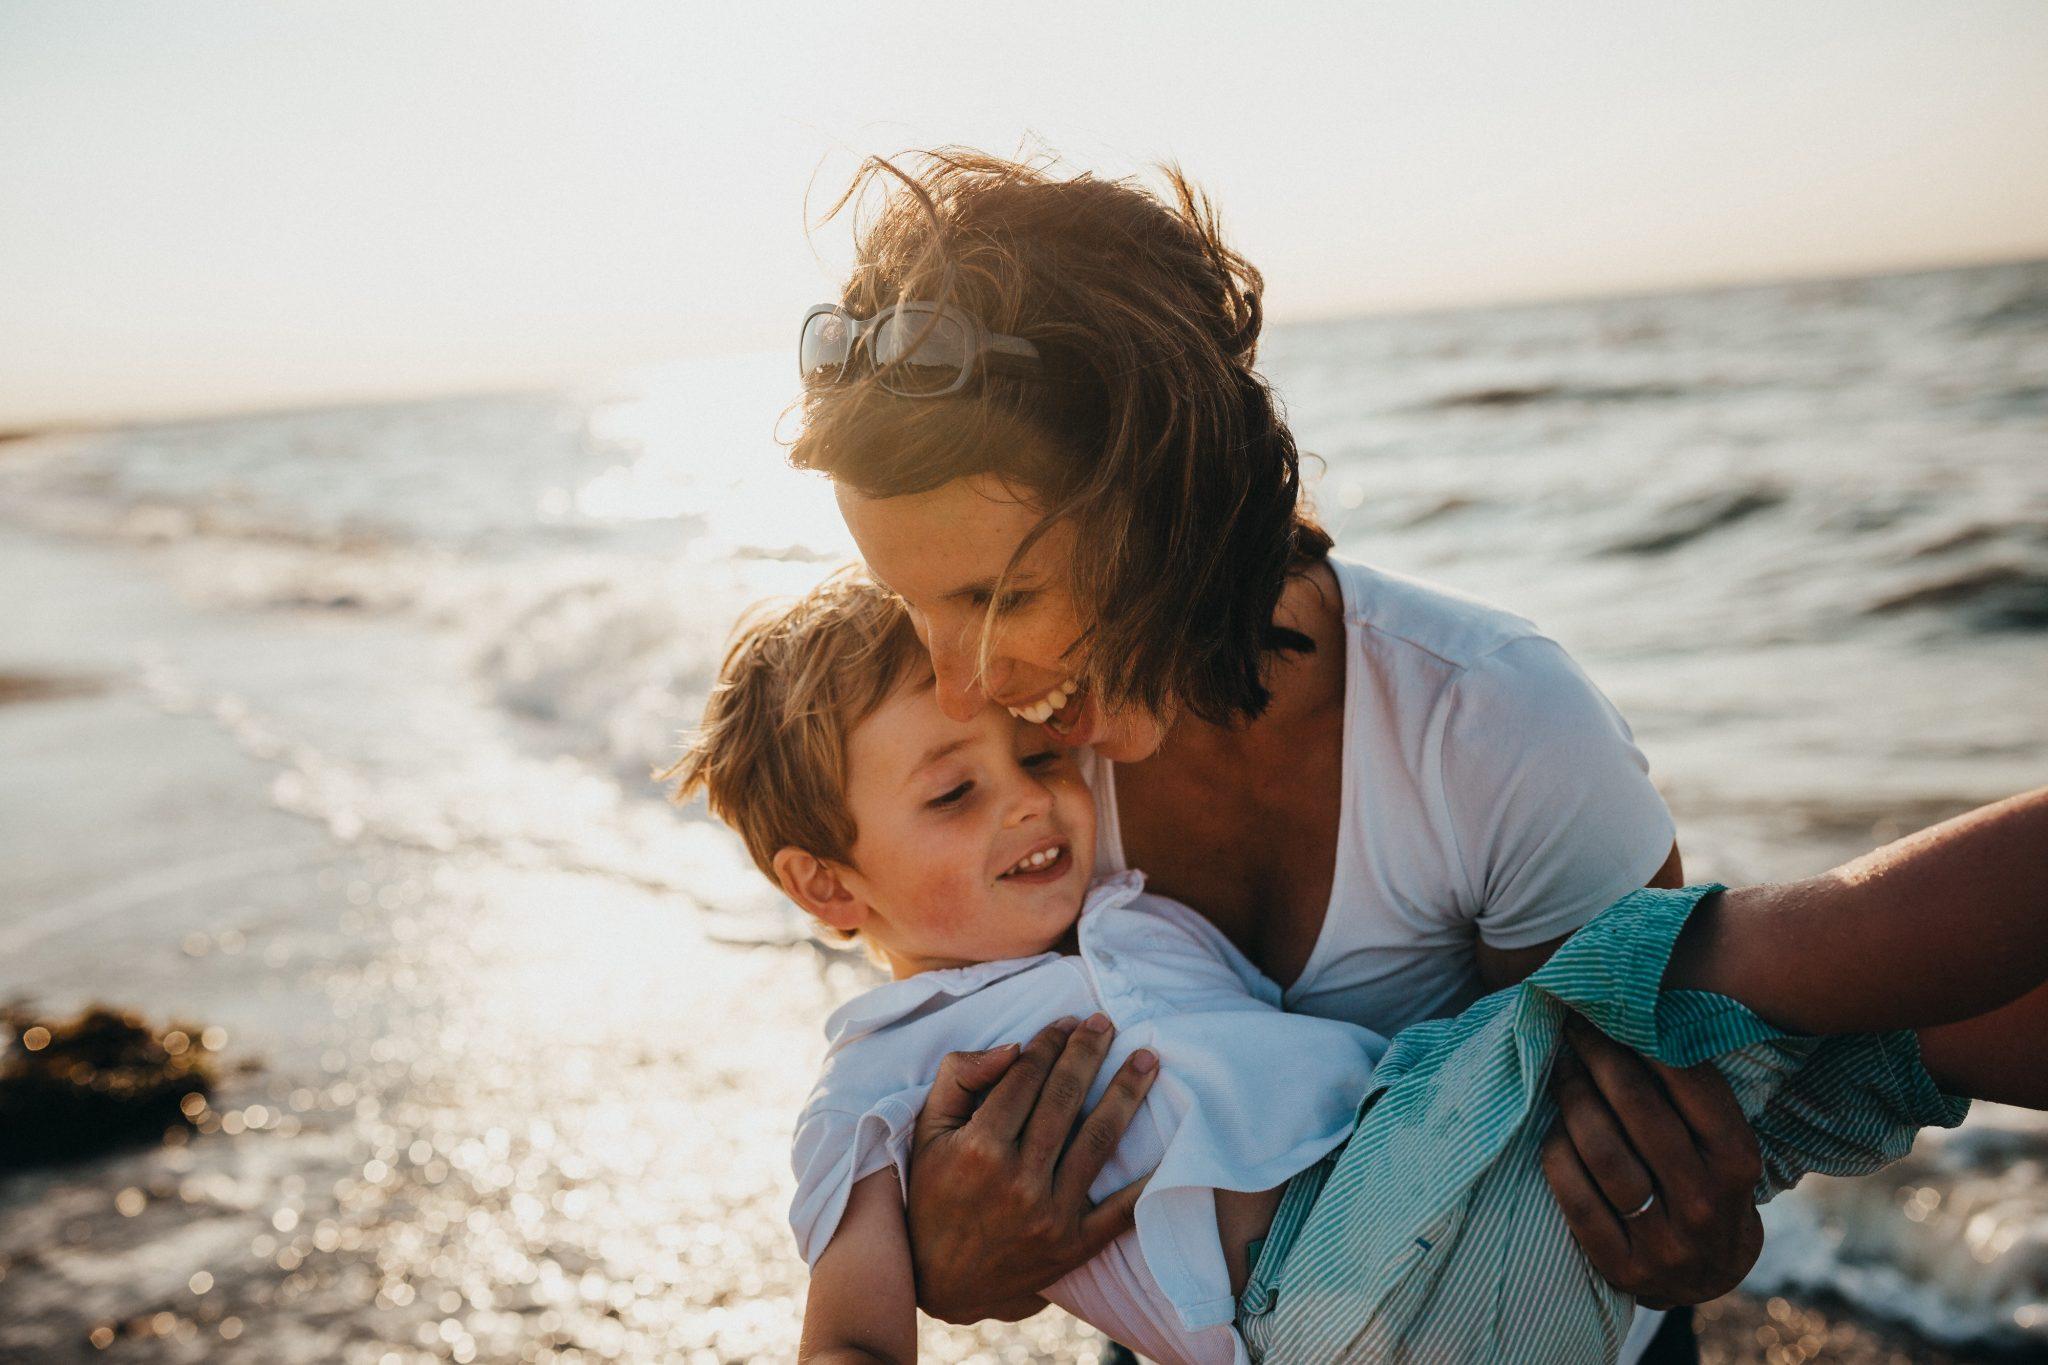 Le mamme perfette non esistono e meno male! Vi spieghiamo perché